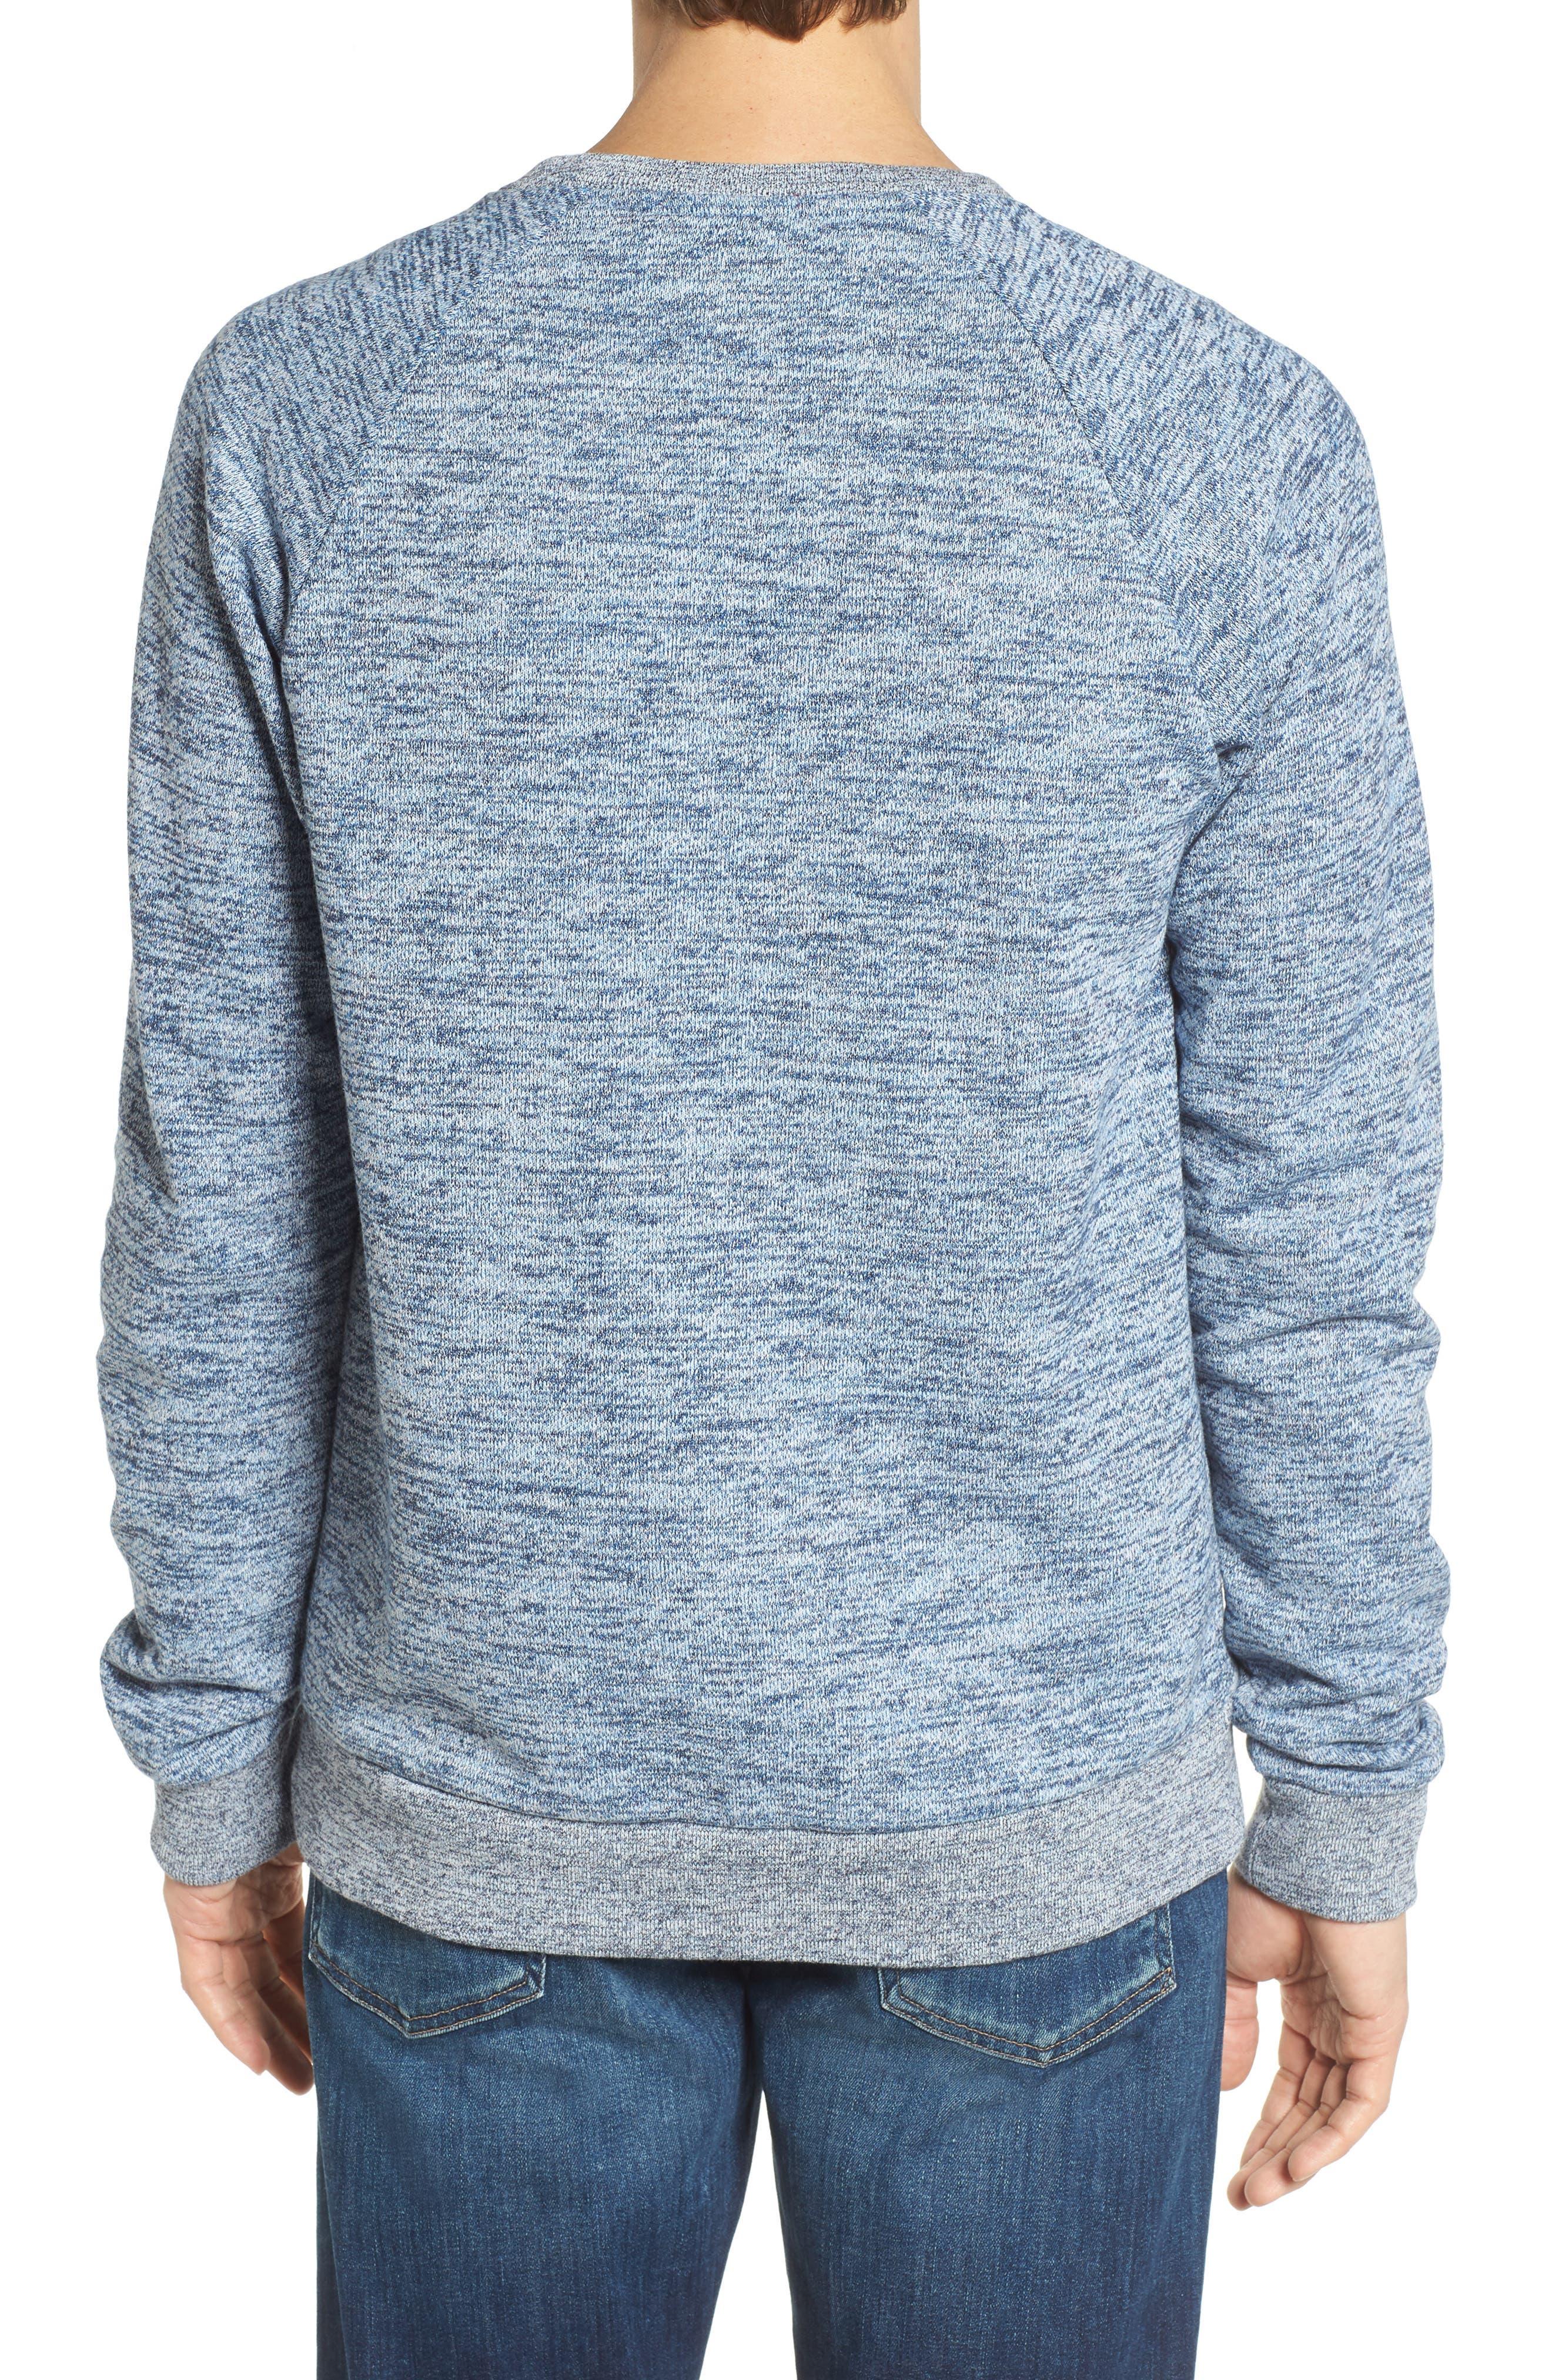 Mélange Sweatshirt,                             Alternate thumbnail 2, color,